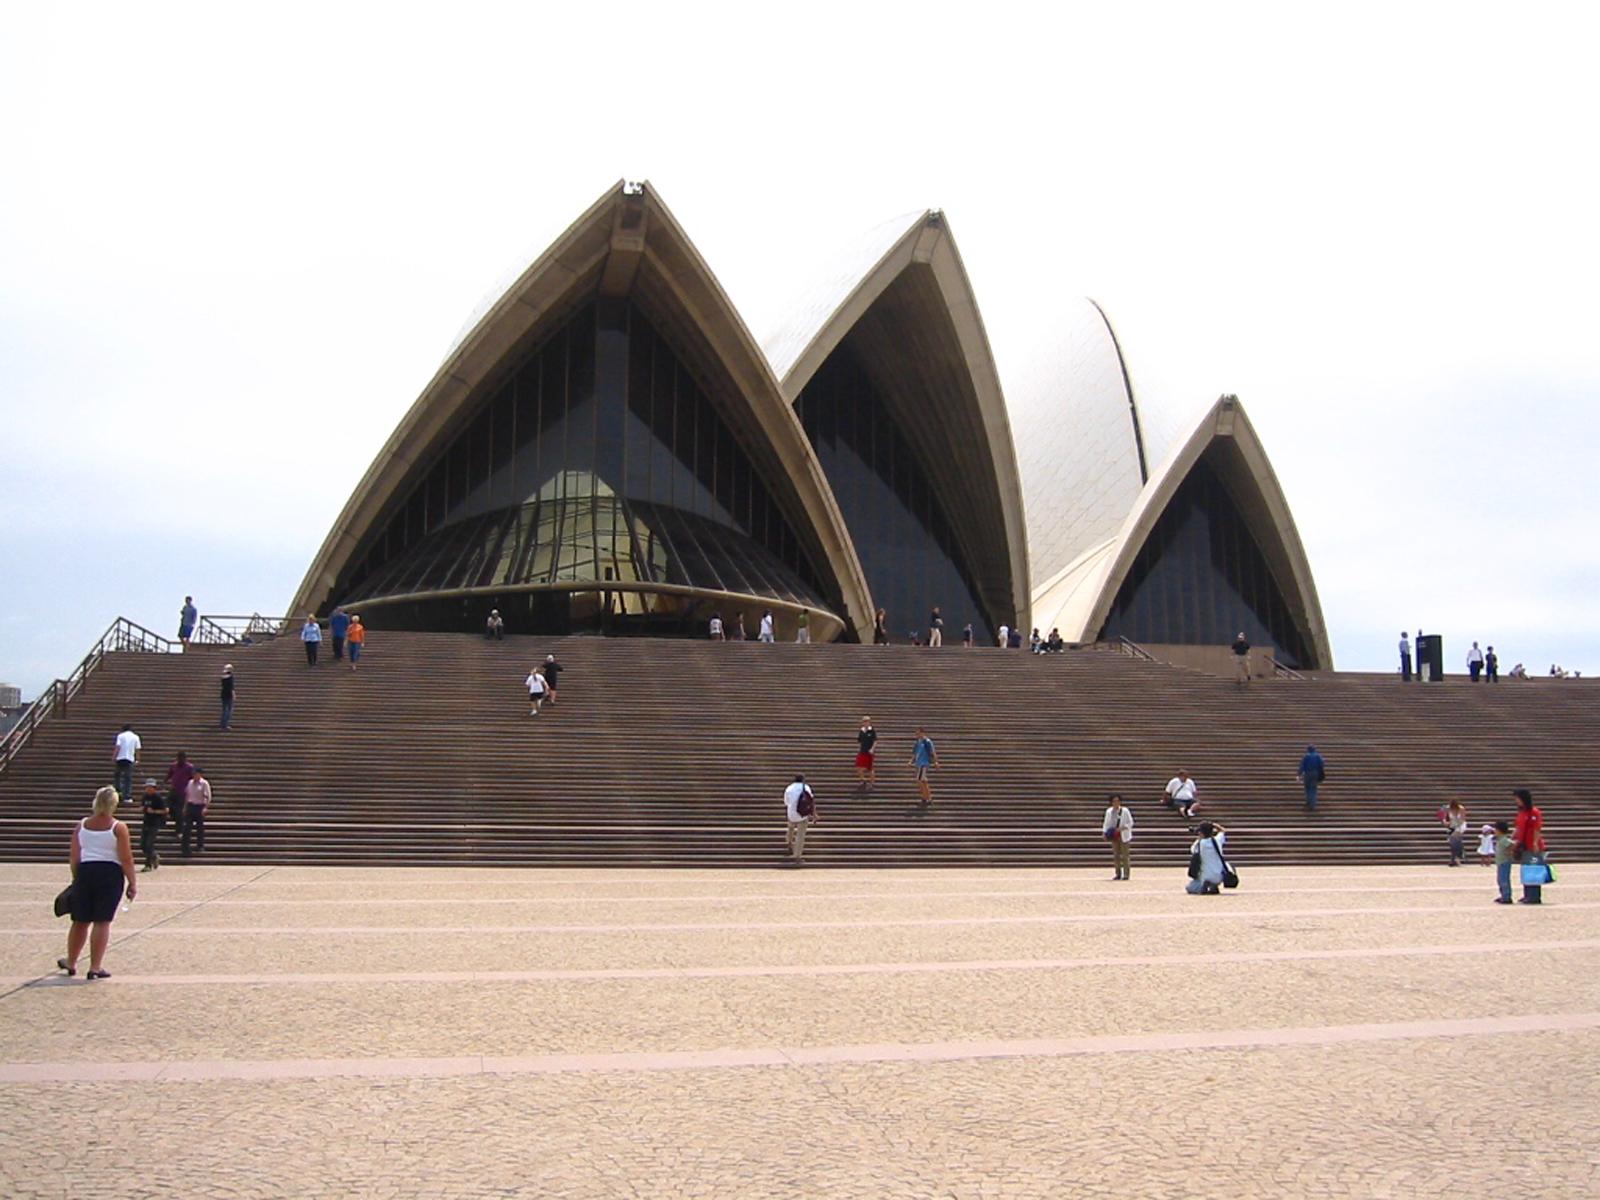 Teatro de la ópera exterior visto desde las escaleras